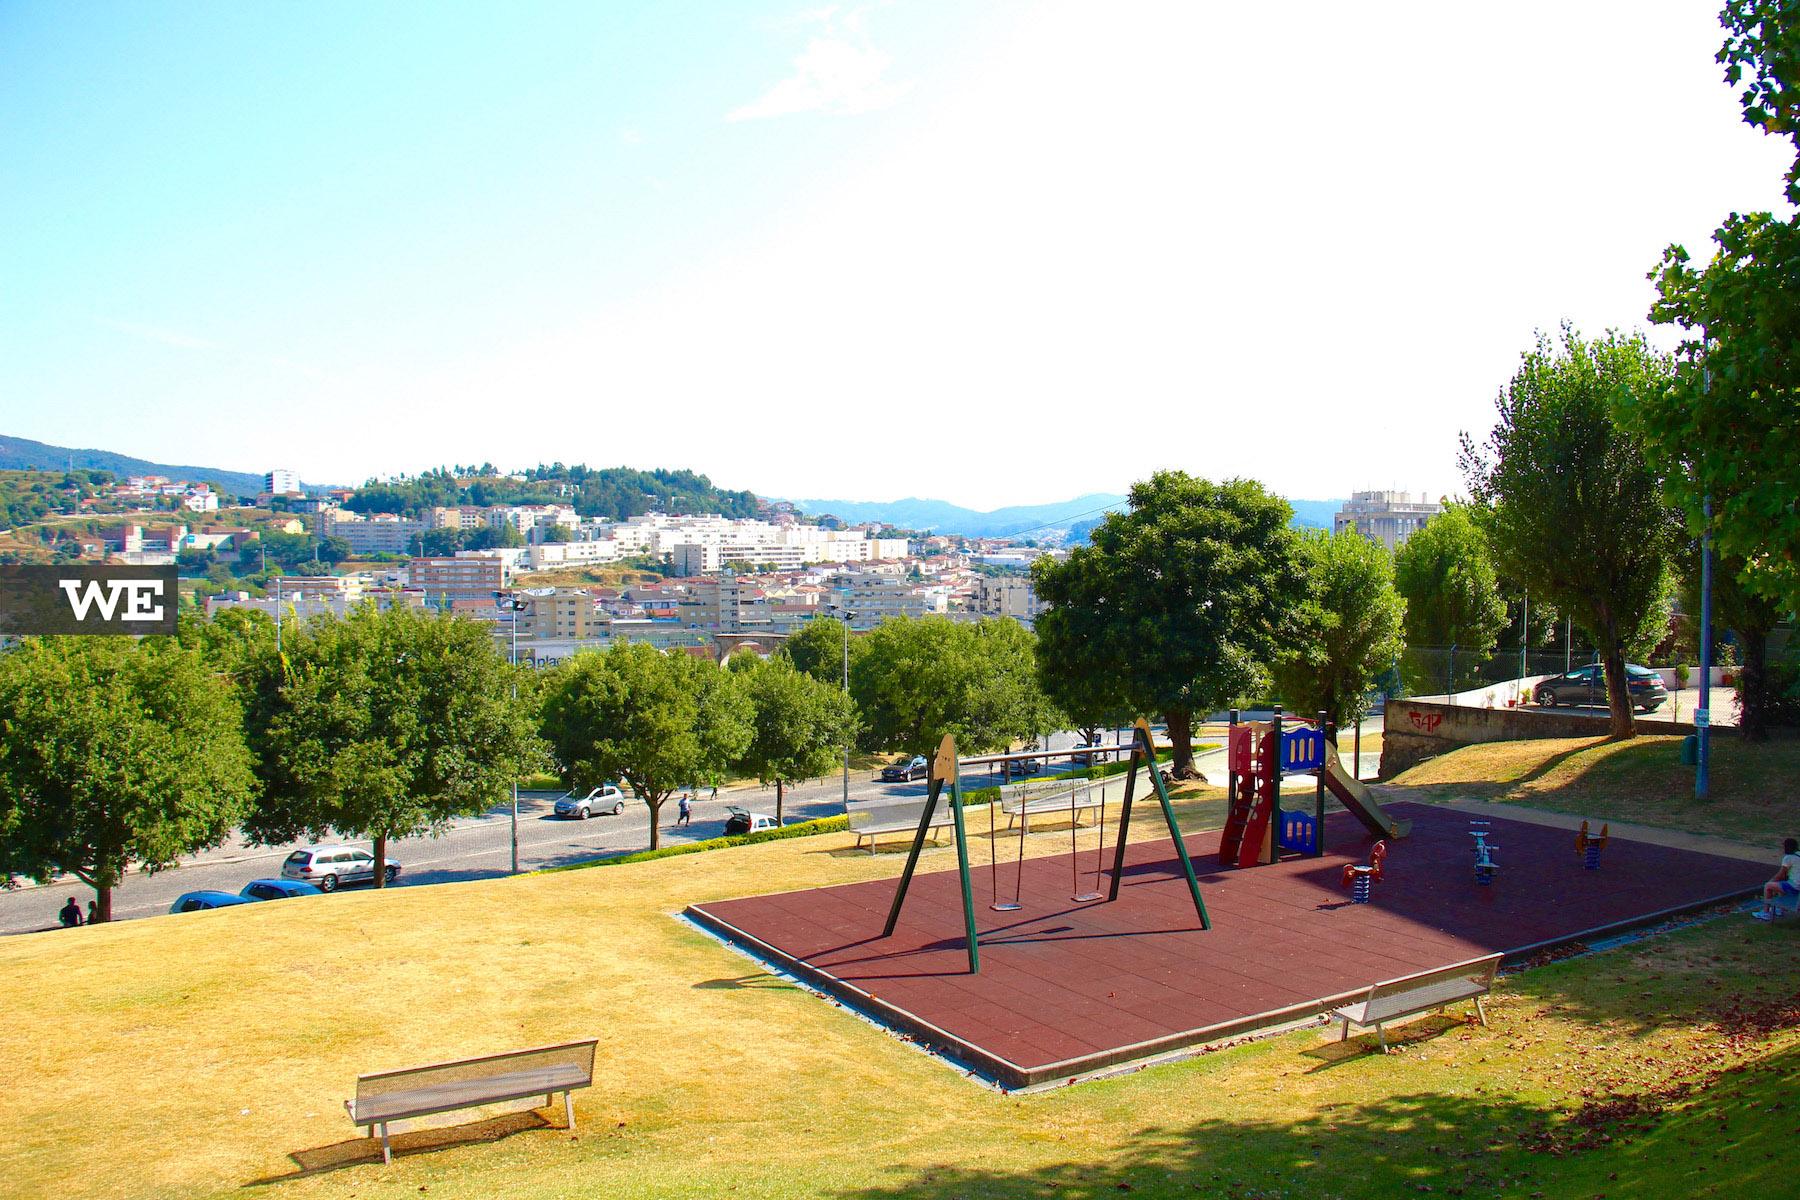 Parque Infantil localizado no parque radical